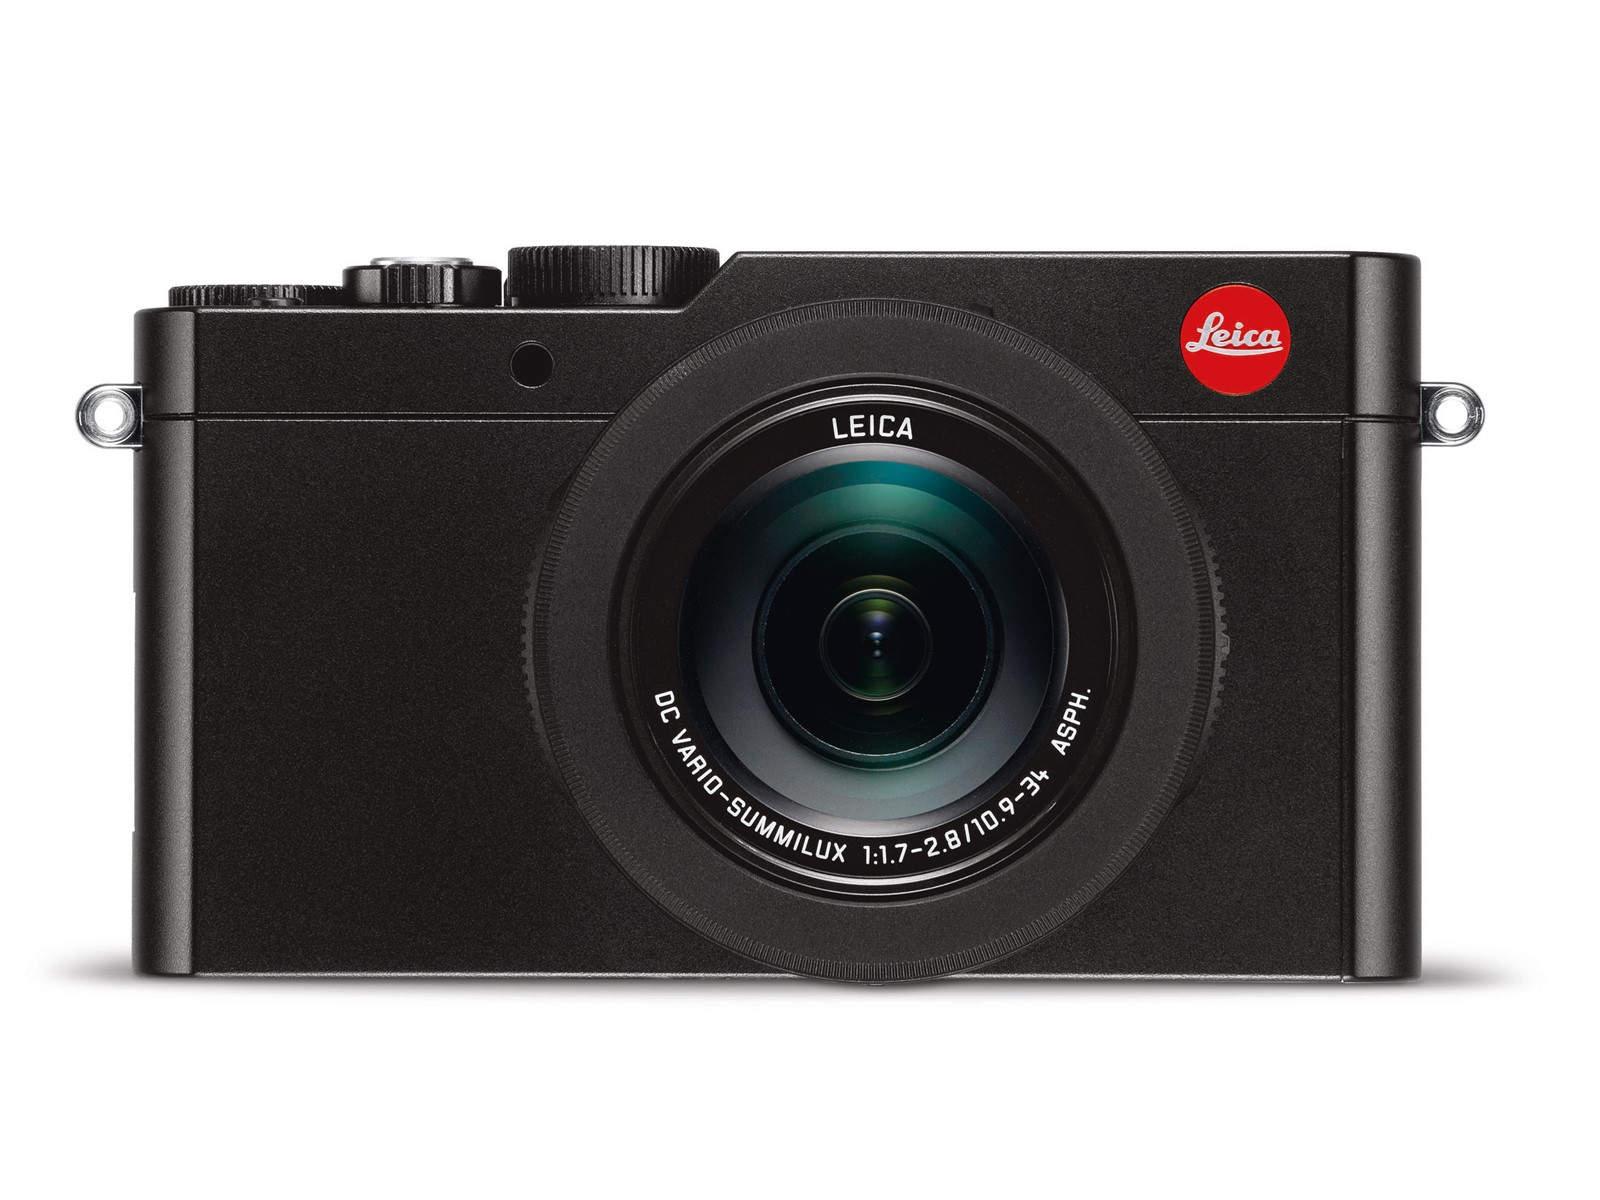 Компактный фотоаппарат с датчиком Four Thirds - Leica D-Lux